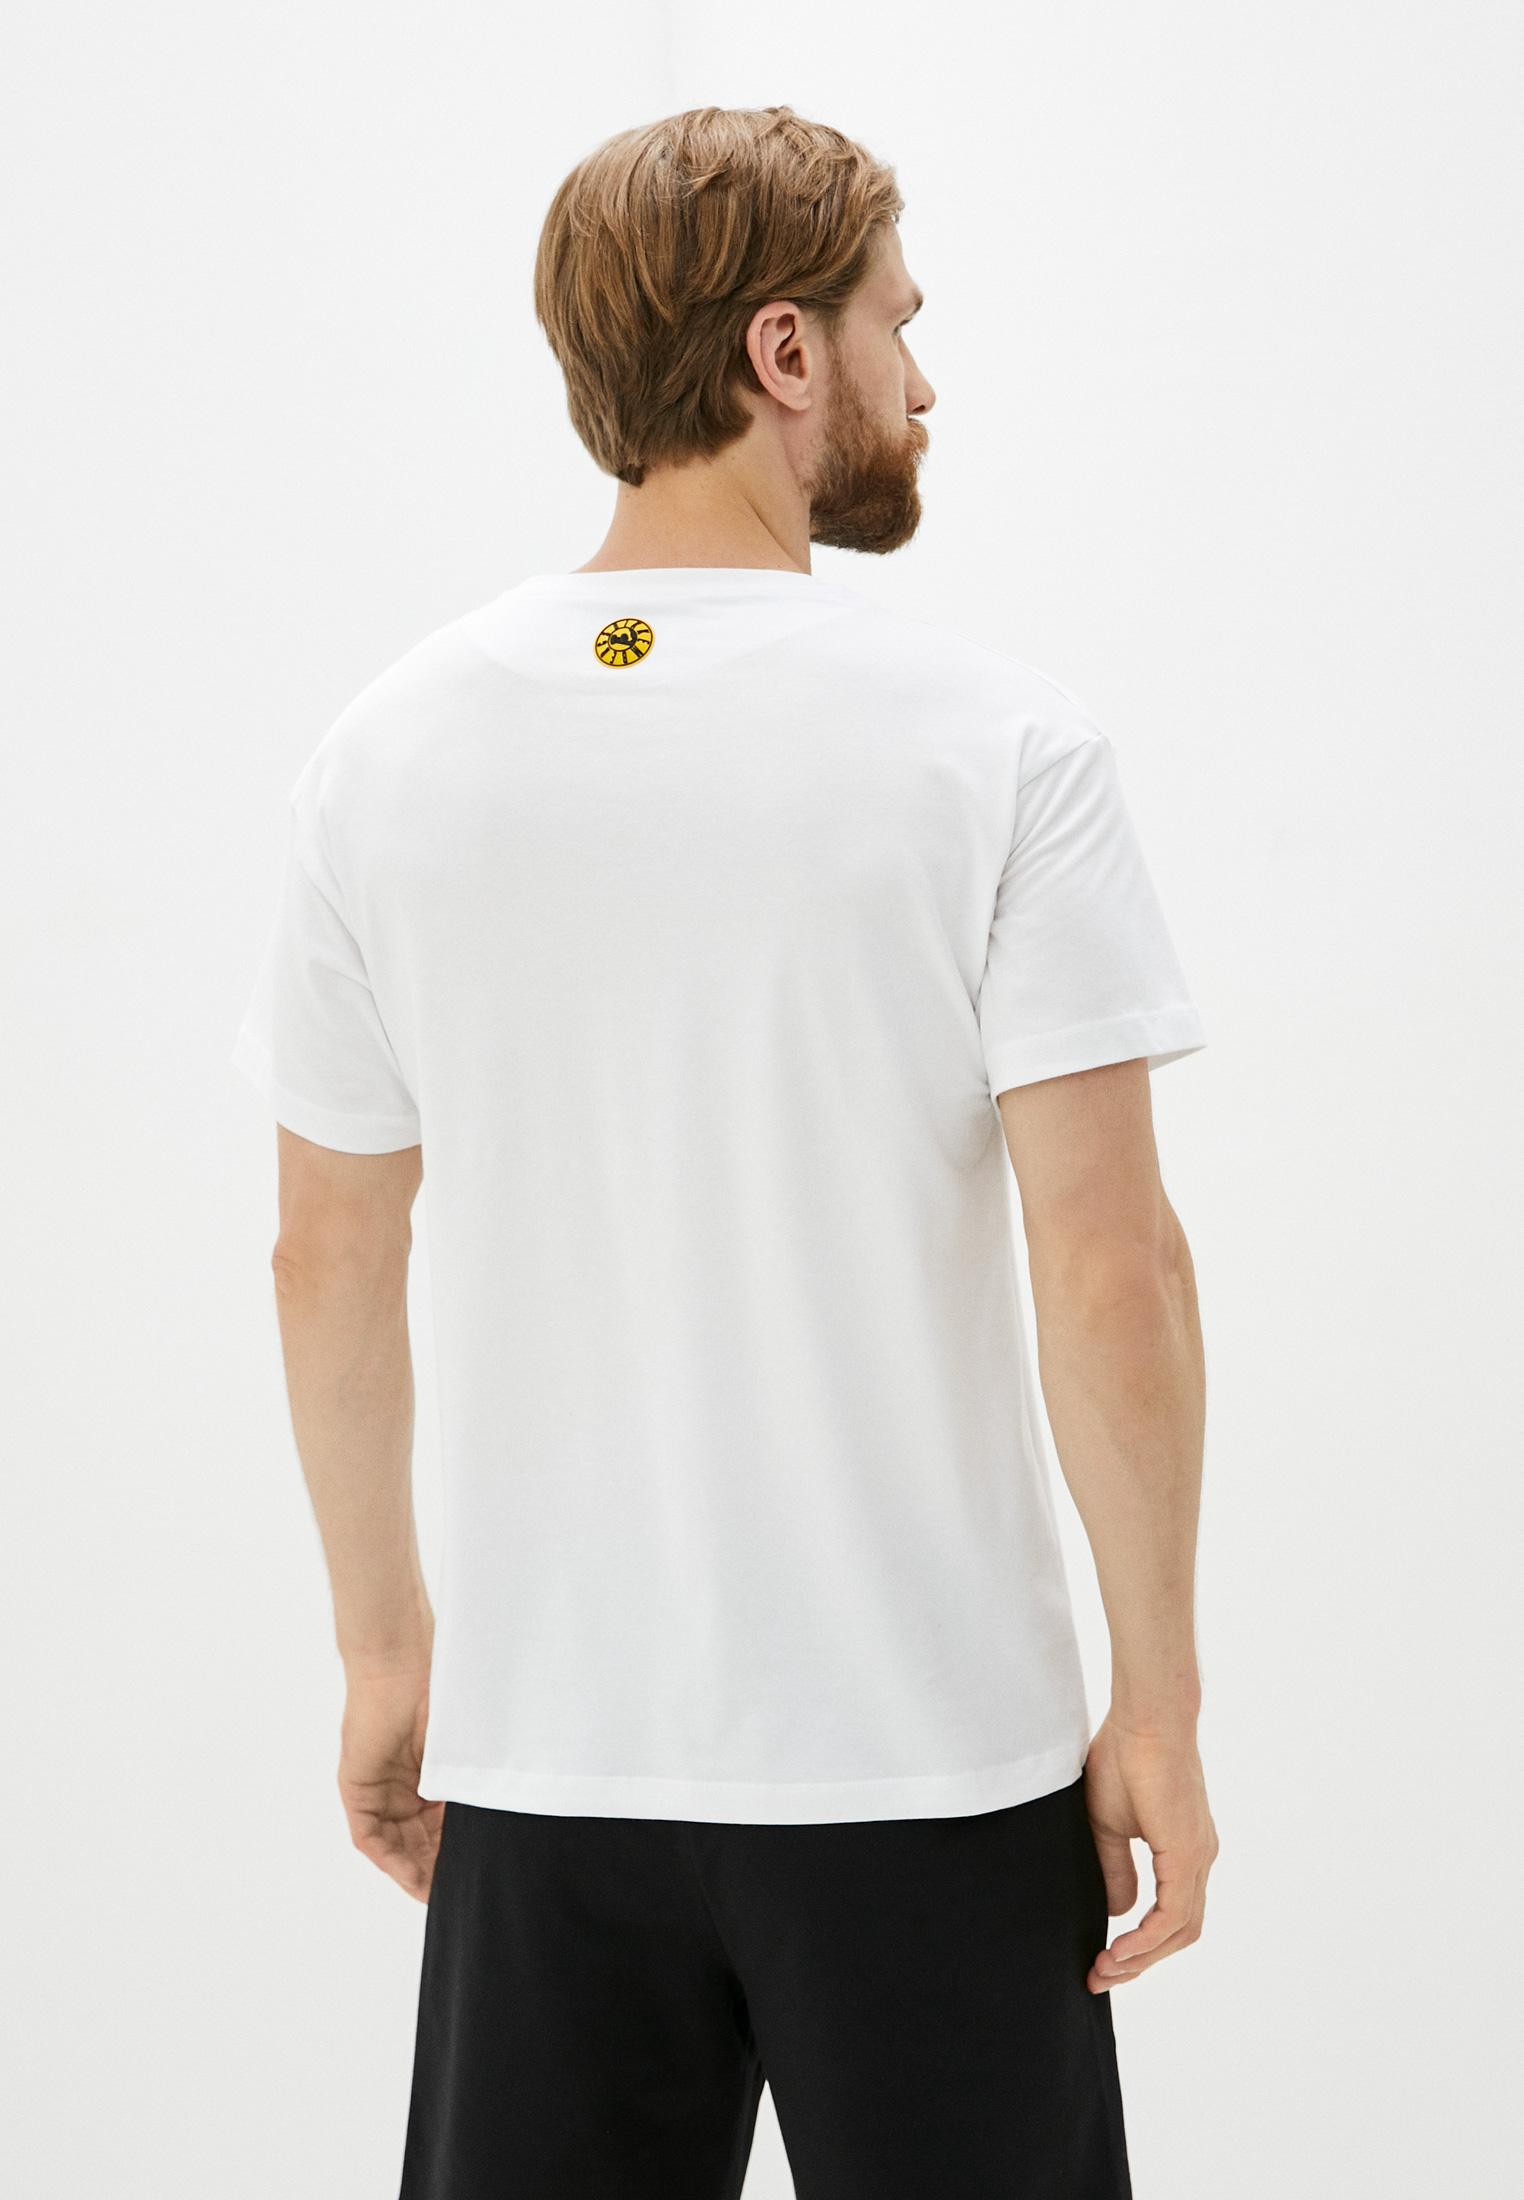 Мужская футболка Bikkembergs (Биккембергс) C 4 114 02 E 2273: изображение 4